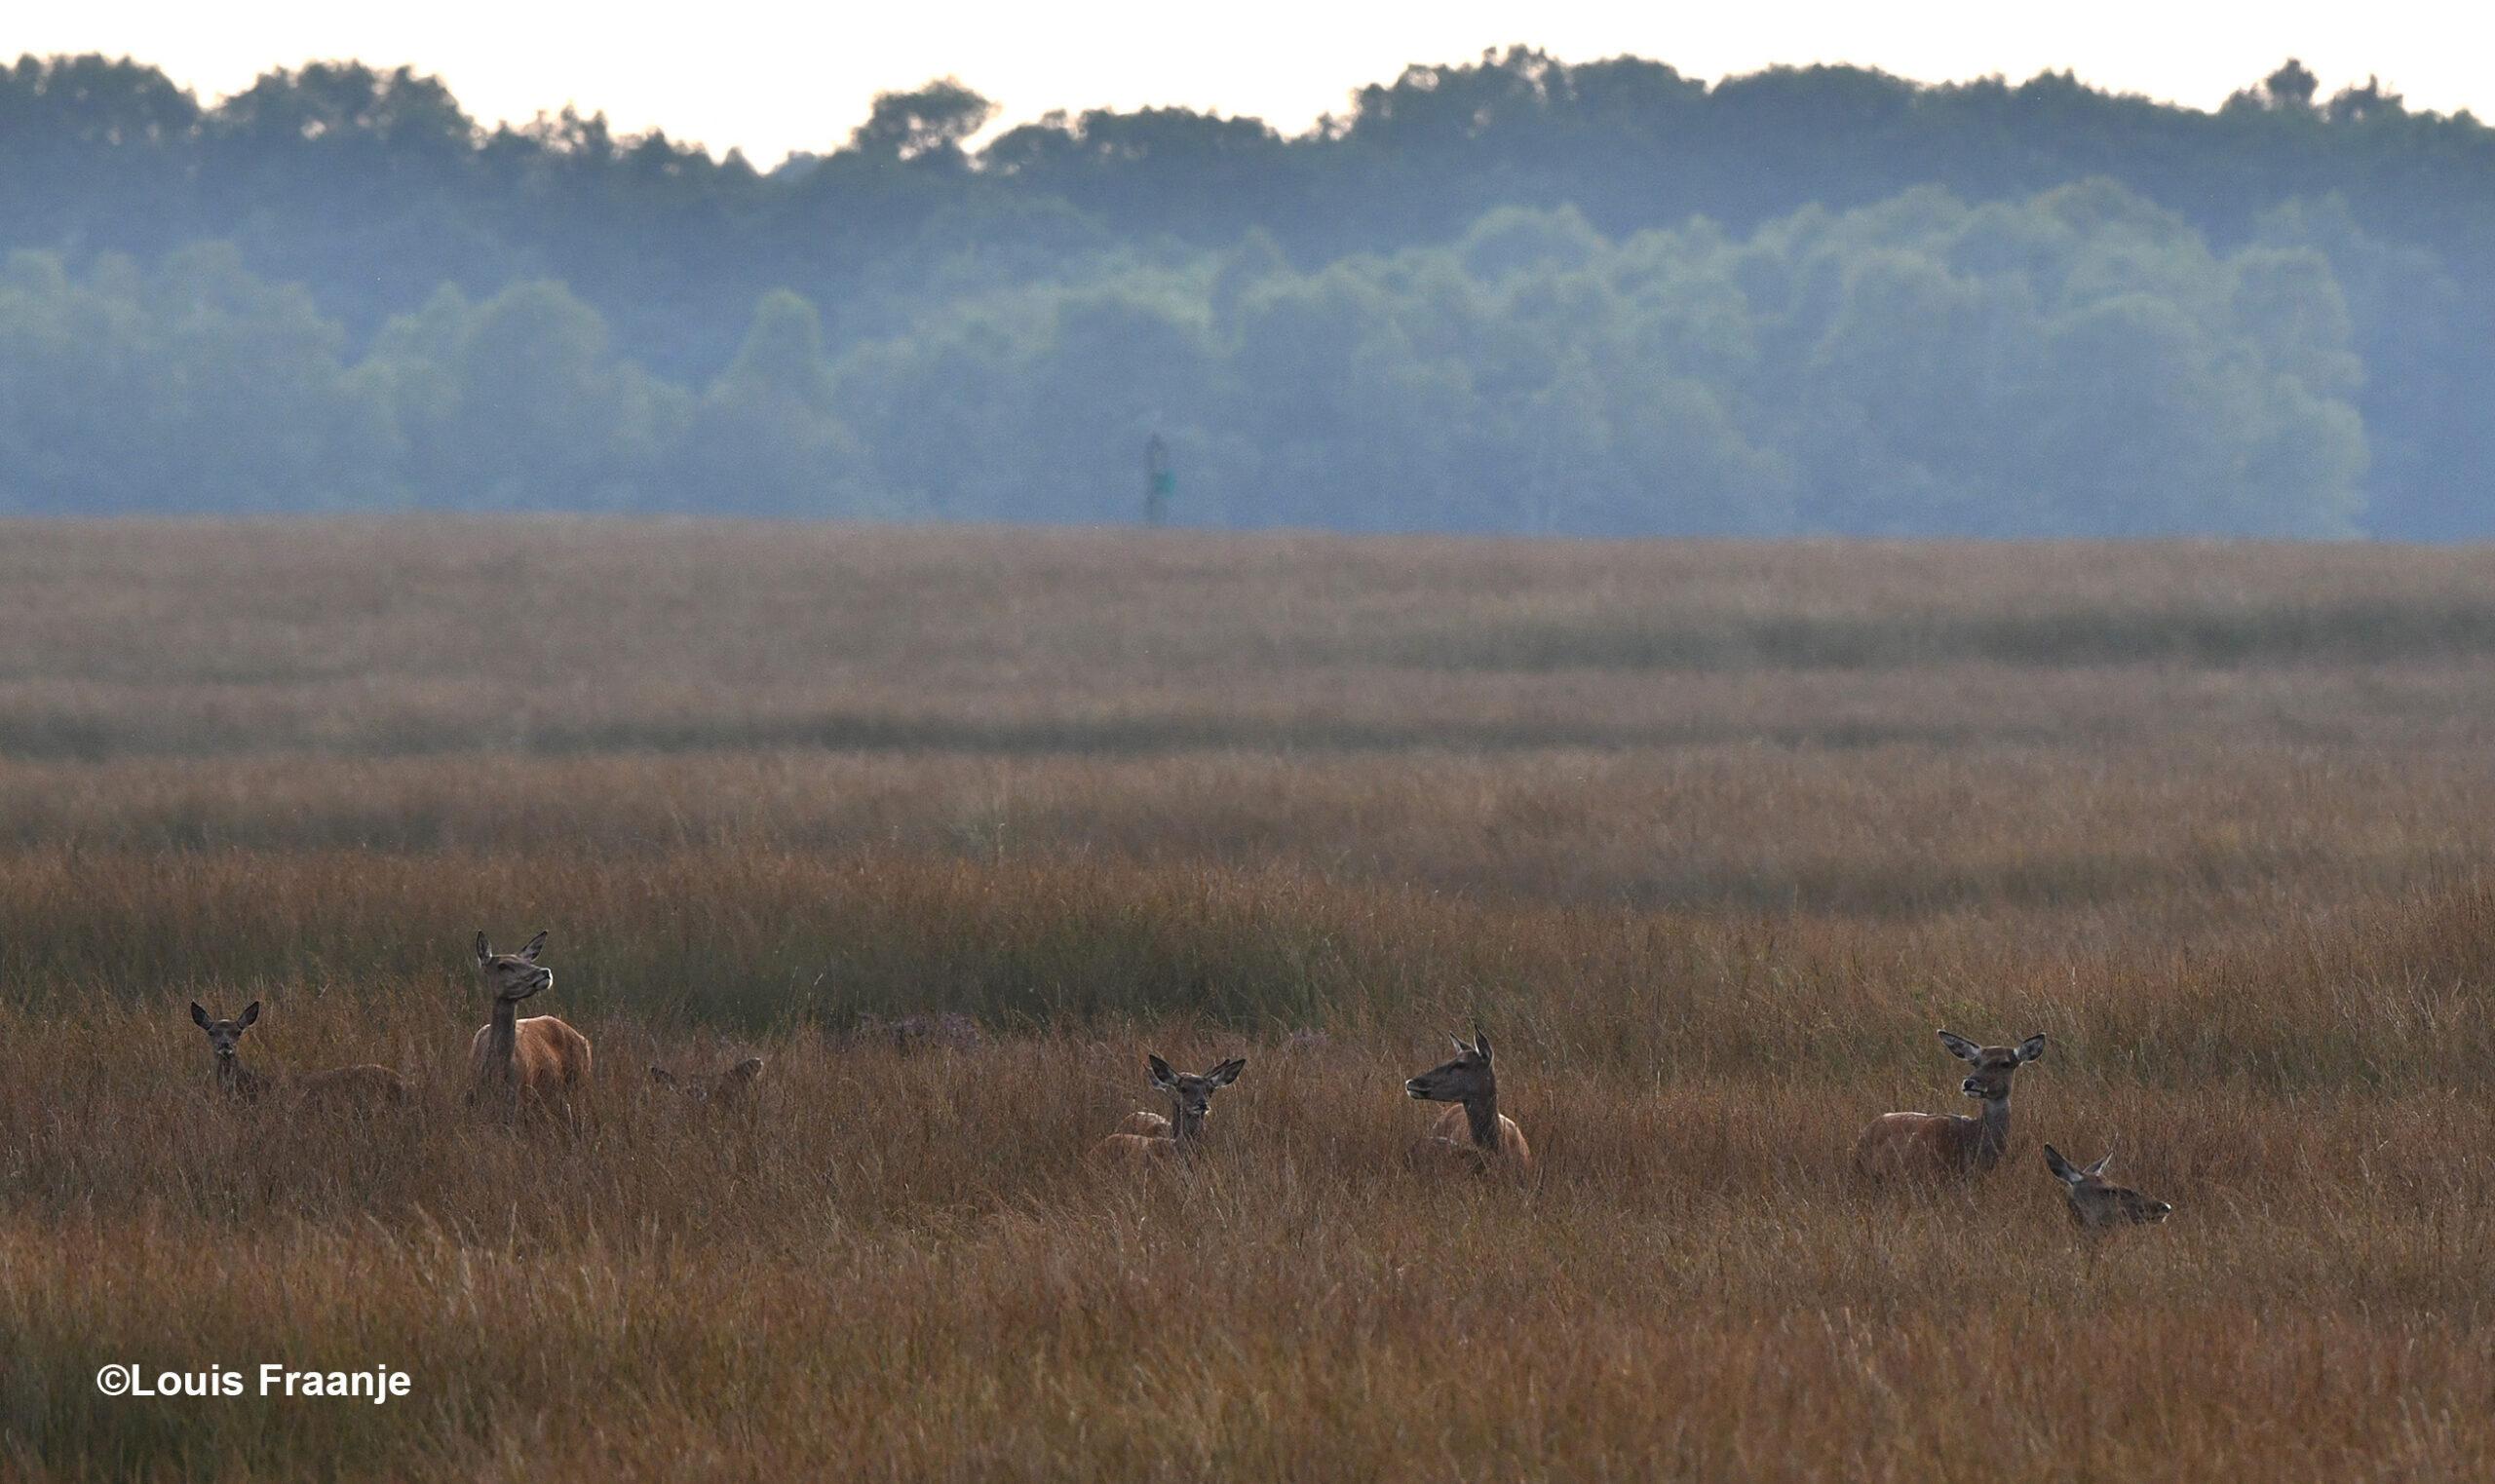 De hindes staan in het hoge gras en kijken om zich heen - Foto: ©Louis Fraanje